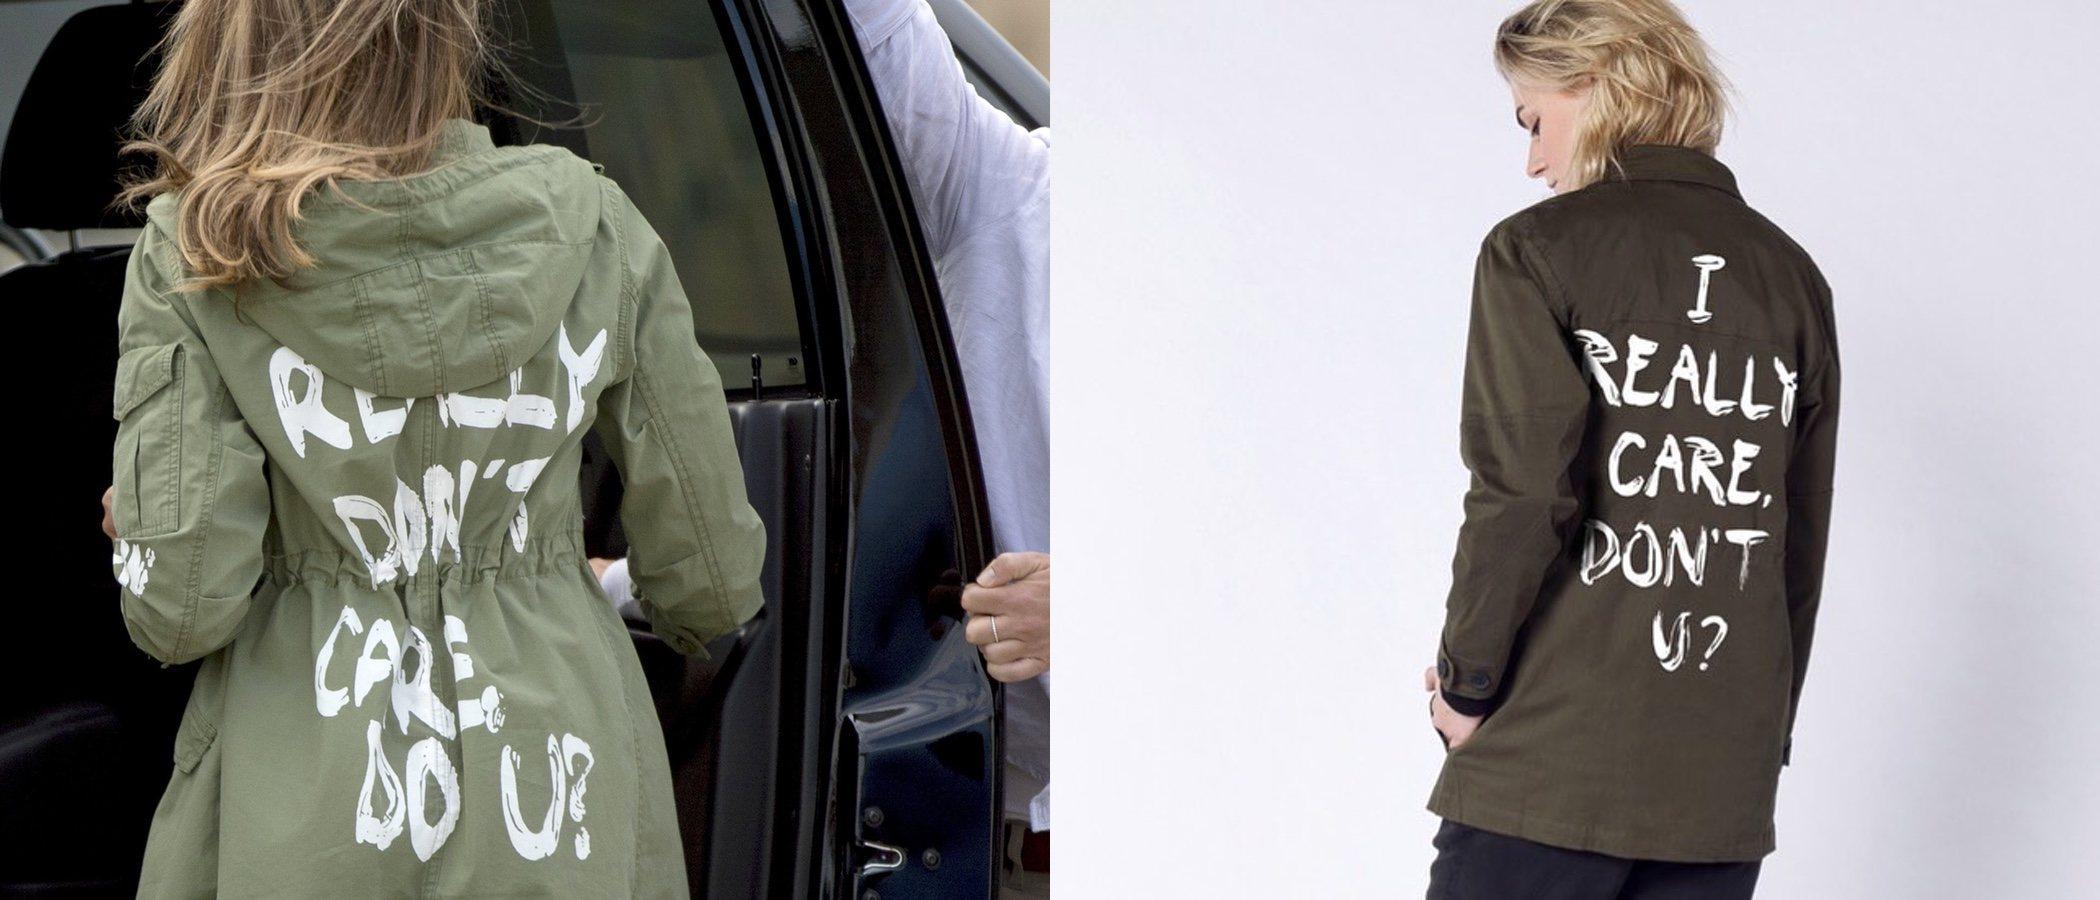 Wildfang lanza una línea de ropa en respuesta a la polémica chaqueta de Melania Trump